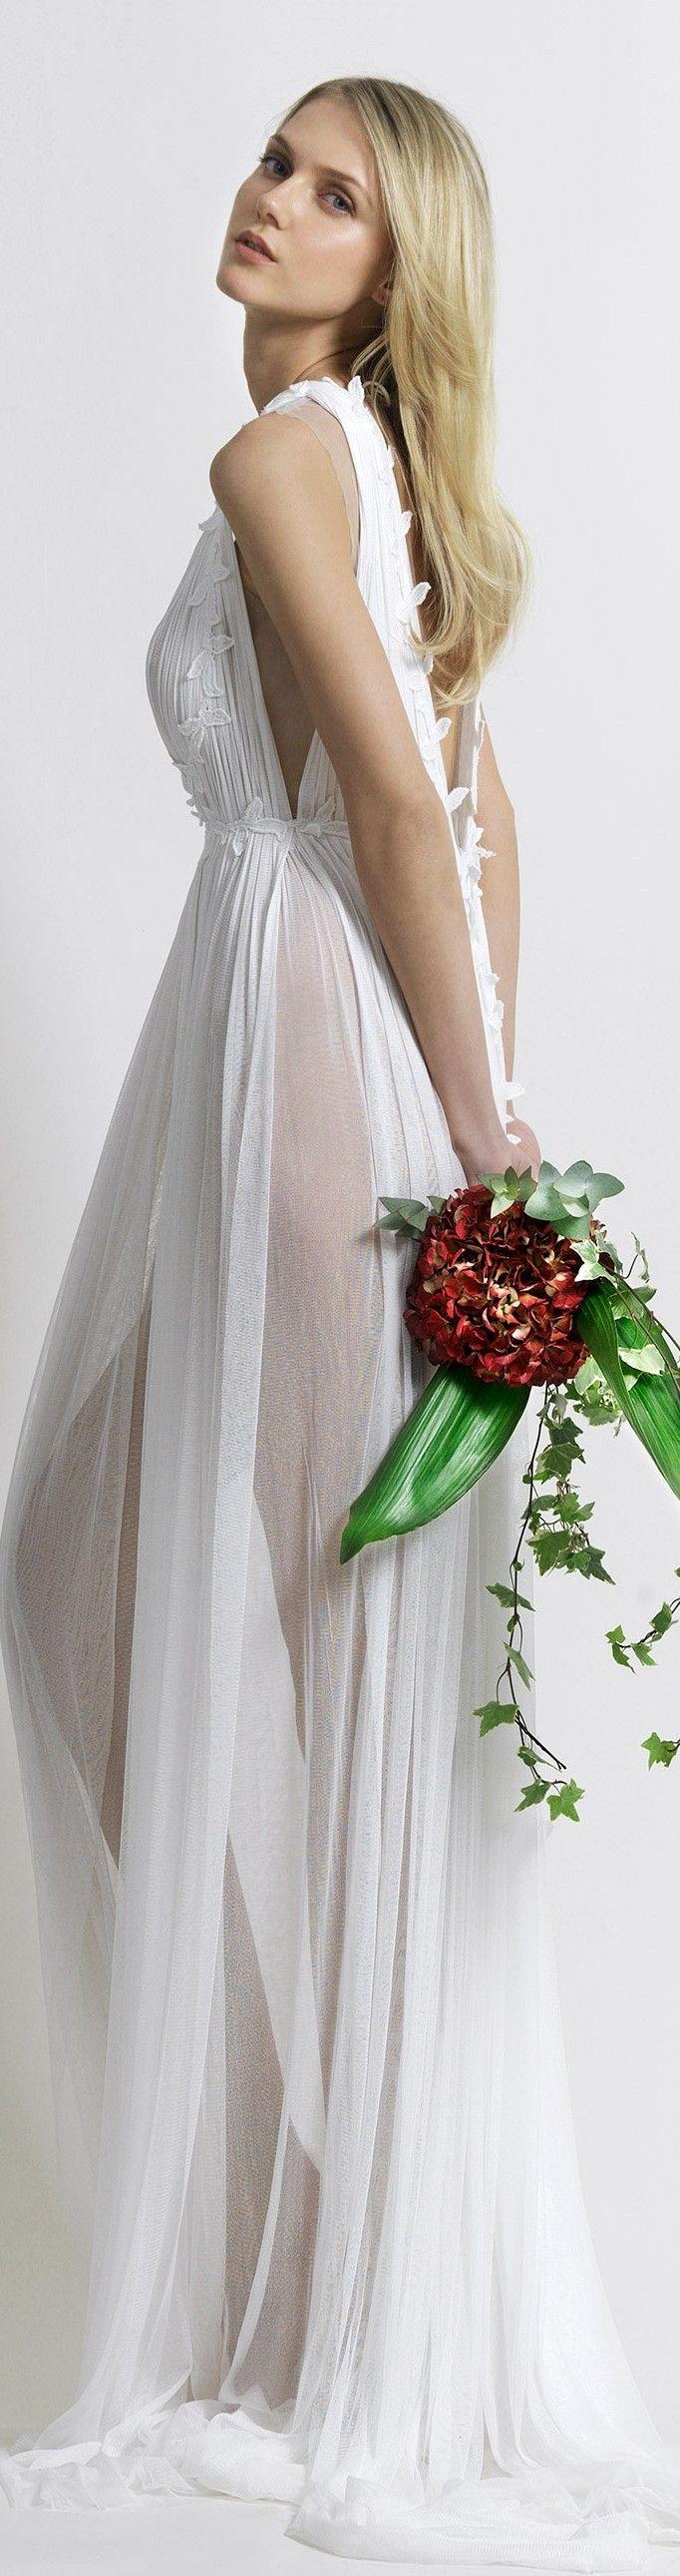 190 besten Christos Costarellos Bilder auf Pinterest | Brautkleider ...